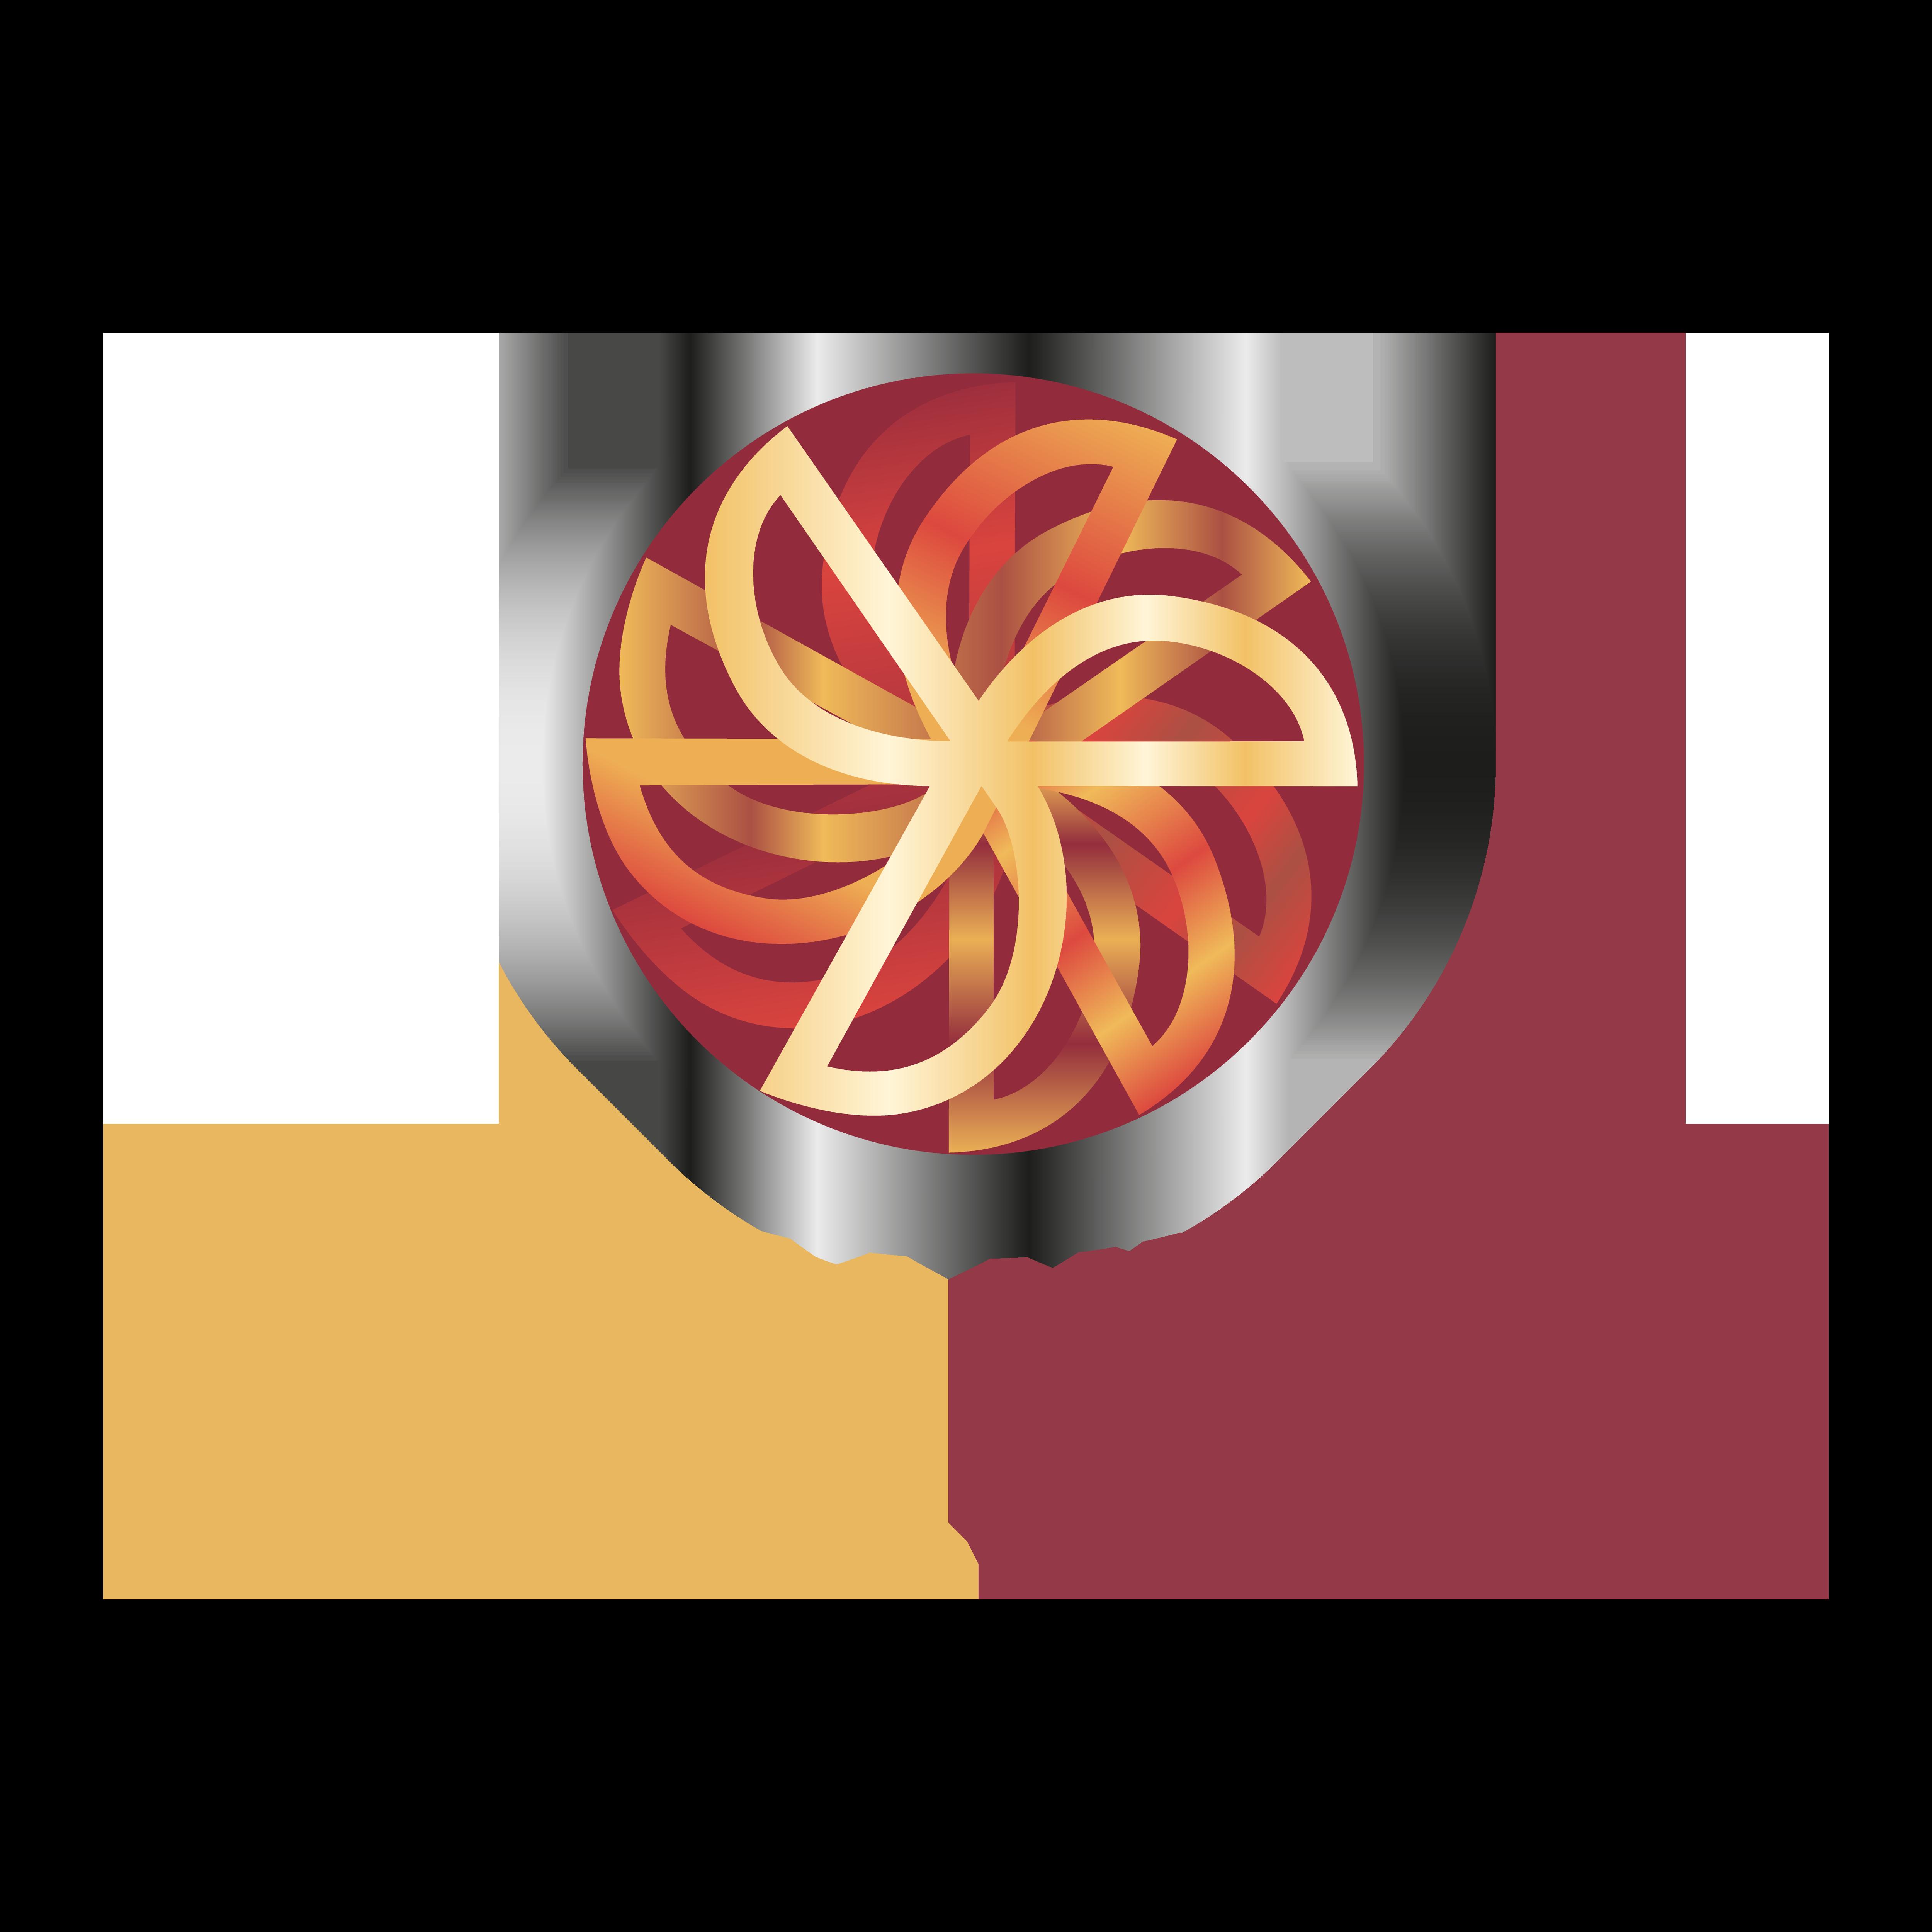 Global kinetic logo